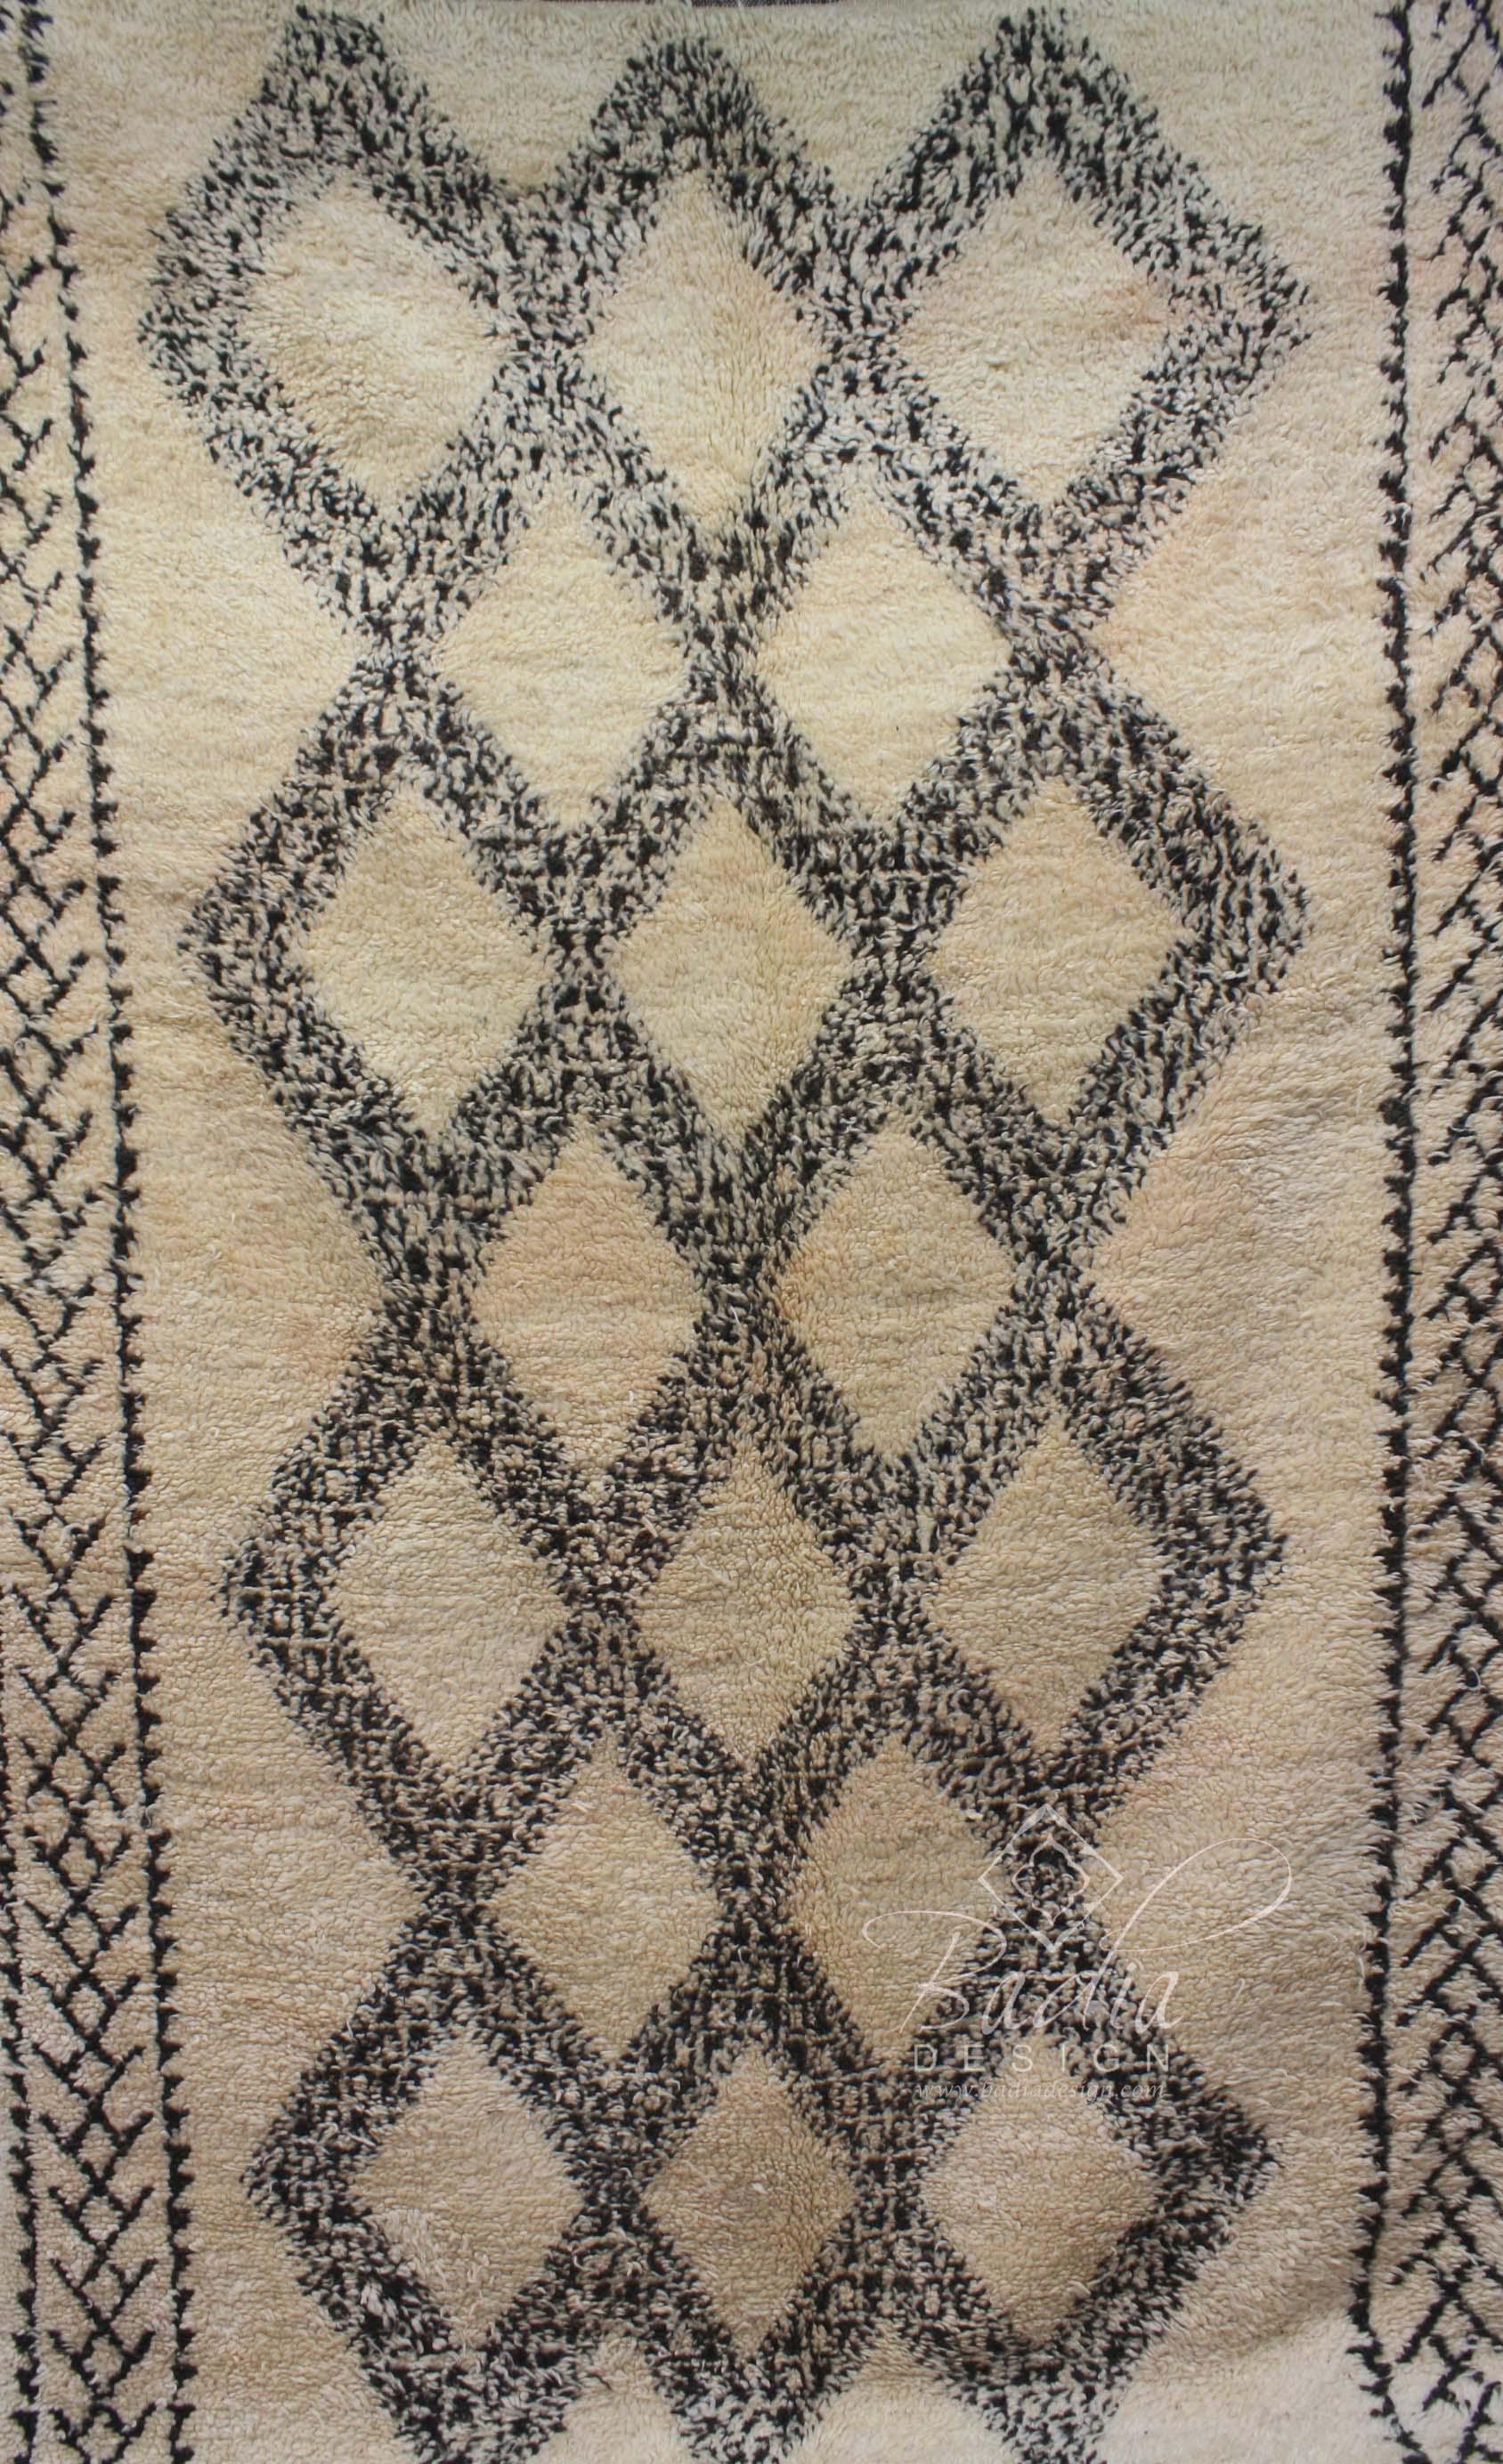 moroccan-berber-carpet-r907-2.jpg